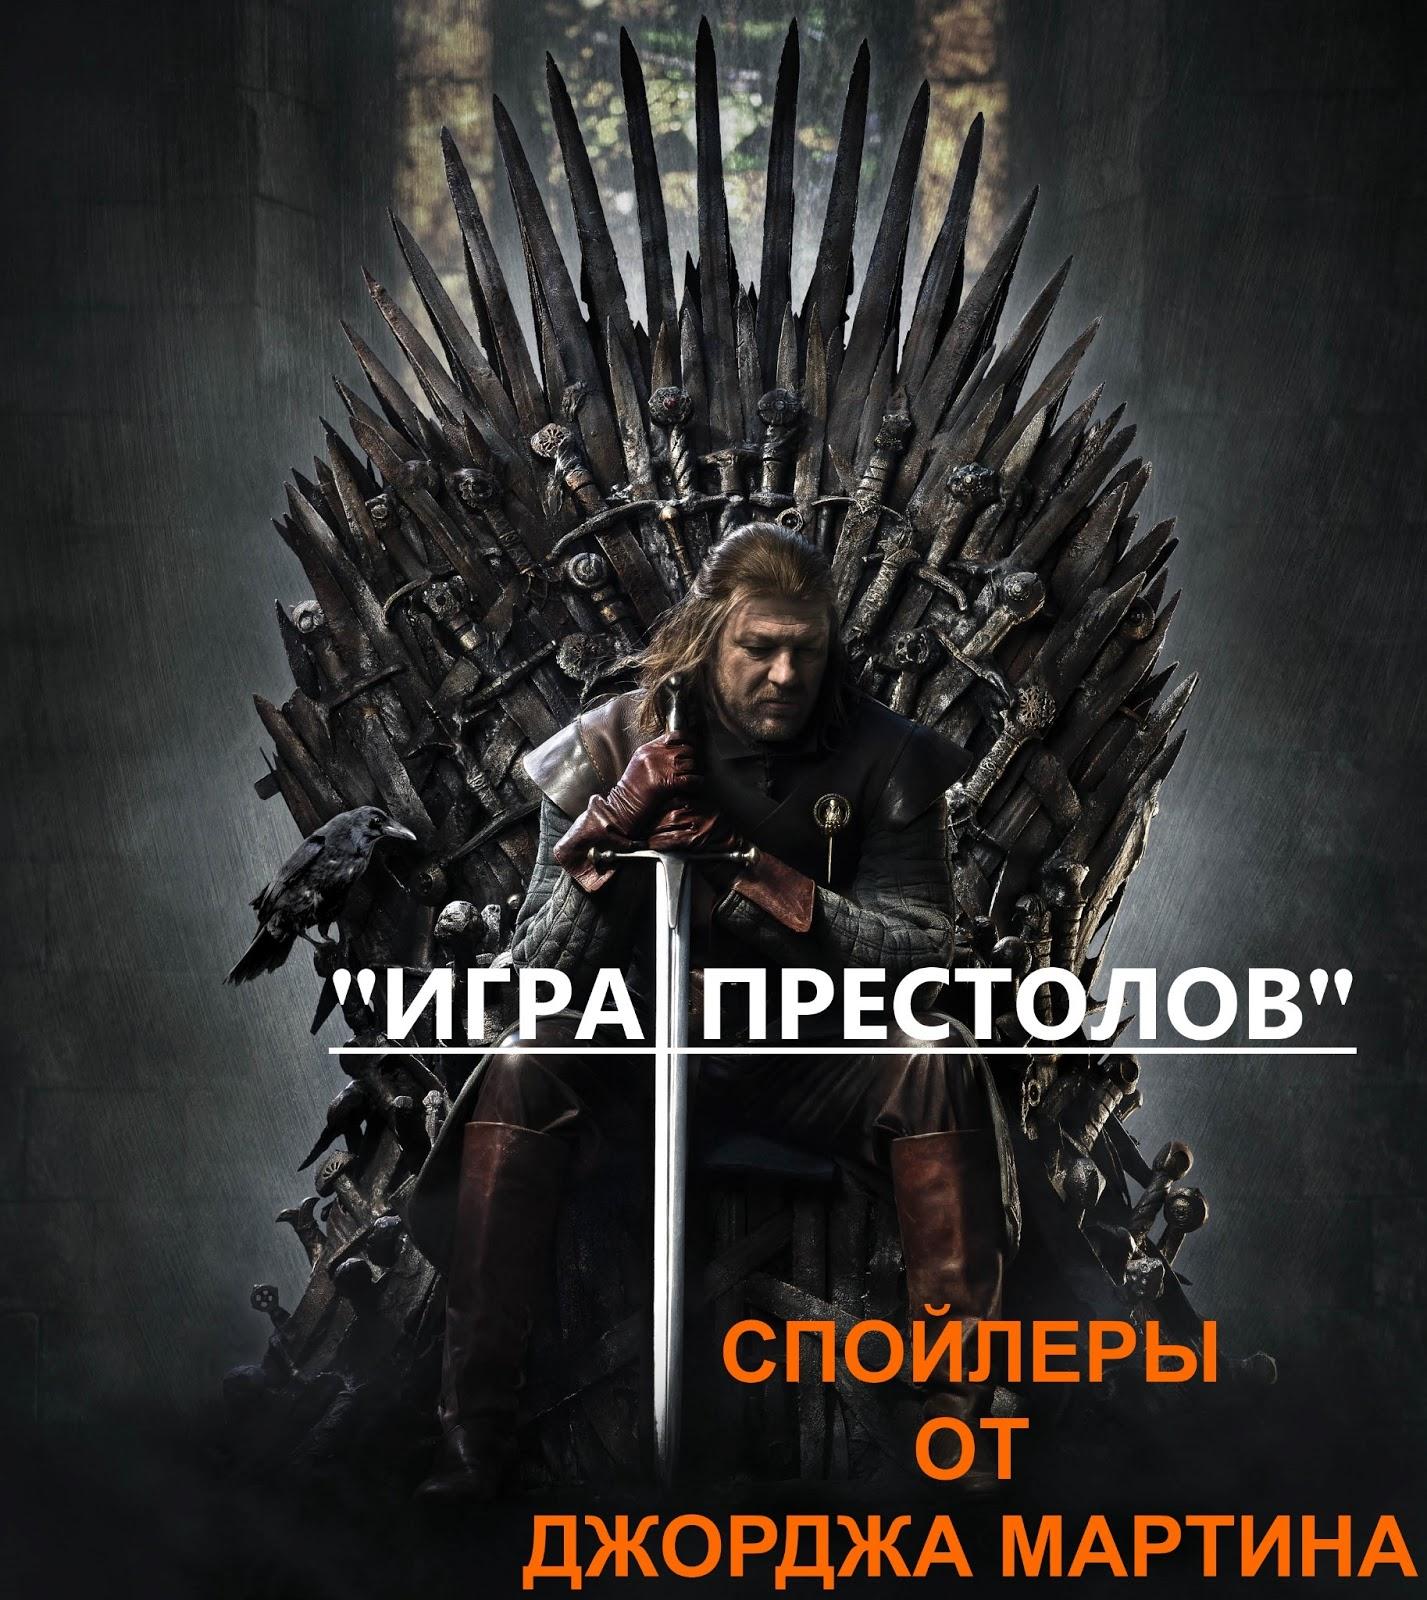 Фильм Мик нижний новгород